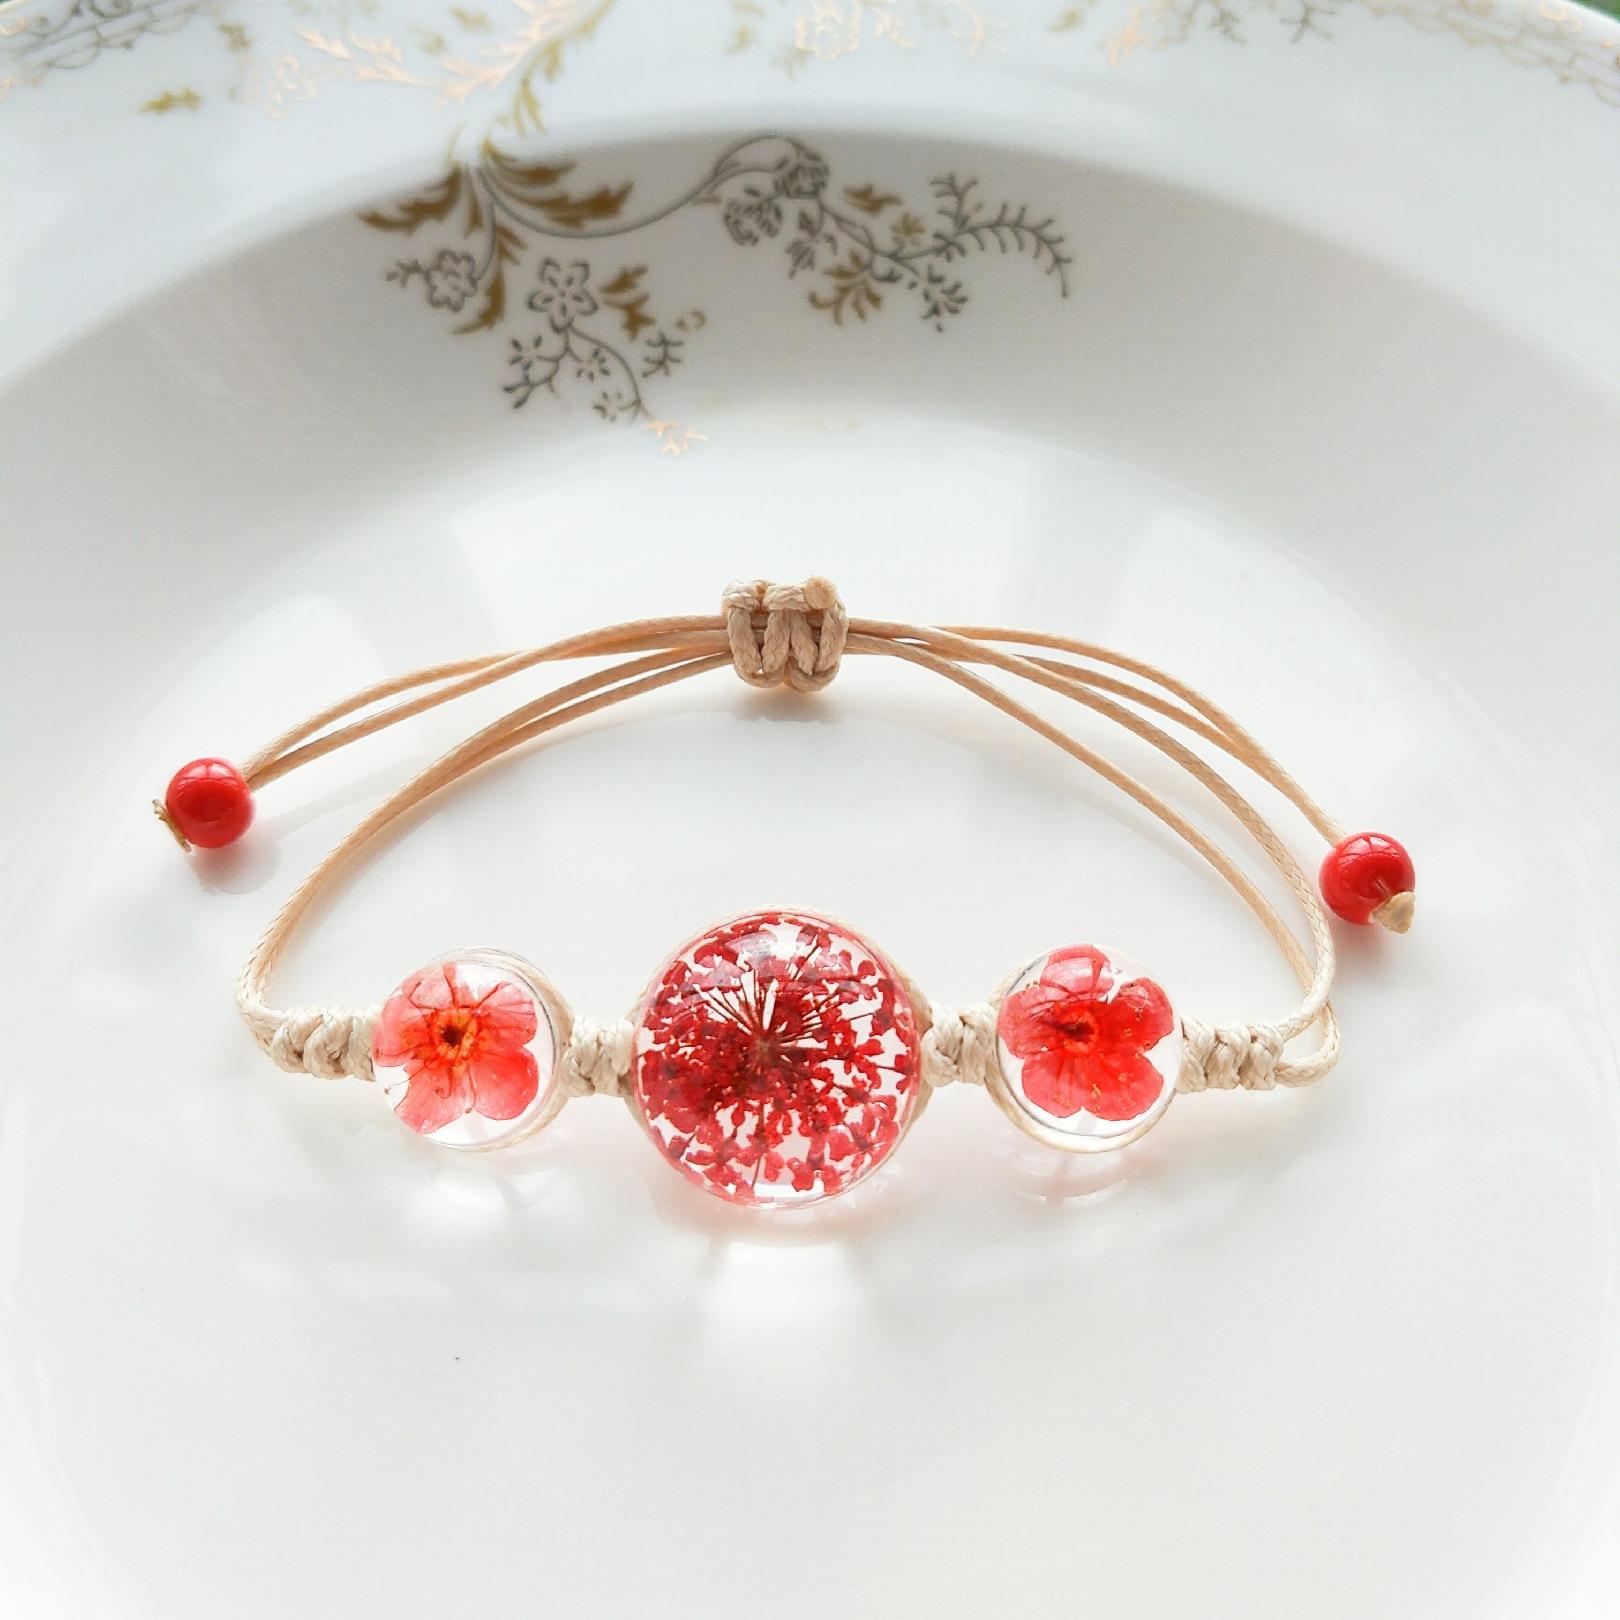 小清新闺蜜手链满天星干花手链时光宝石玻璃球永生花手饰陶瓷饰品